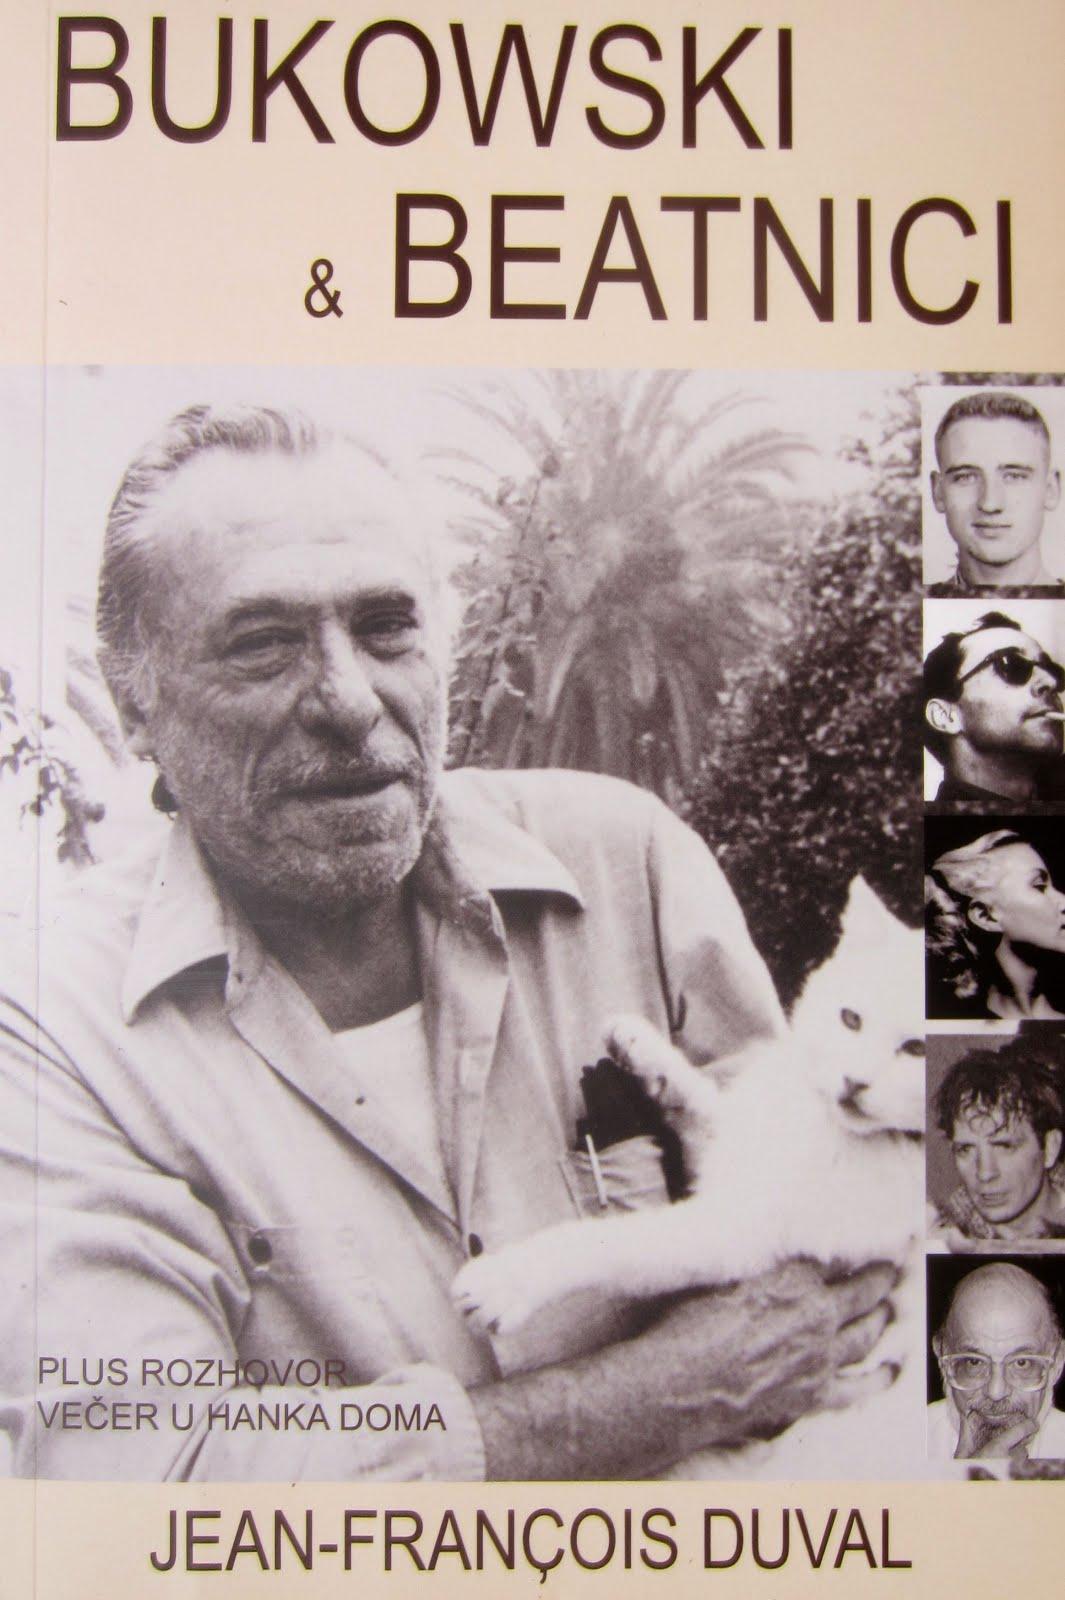 «Bukowski & Beatnici», éd. tchèque, 2014.